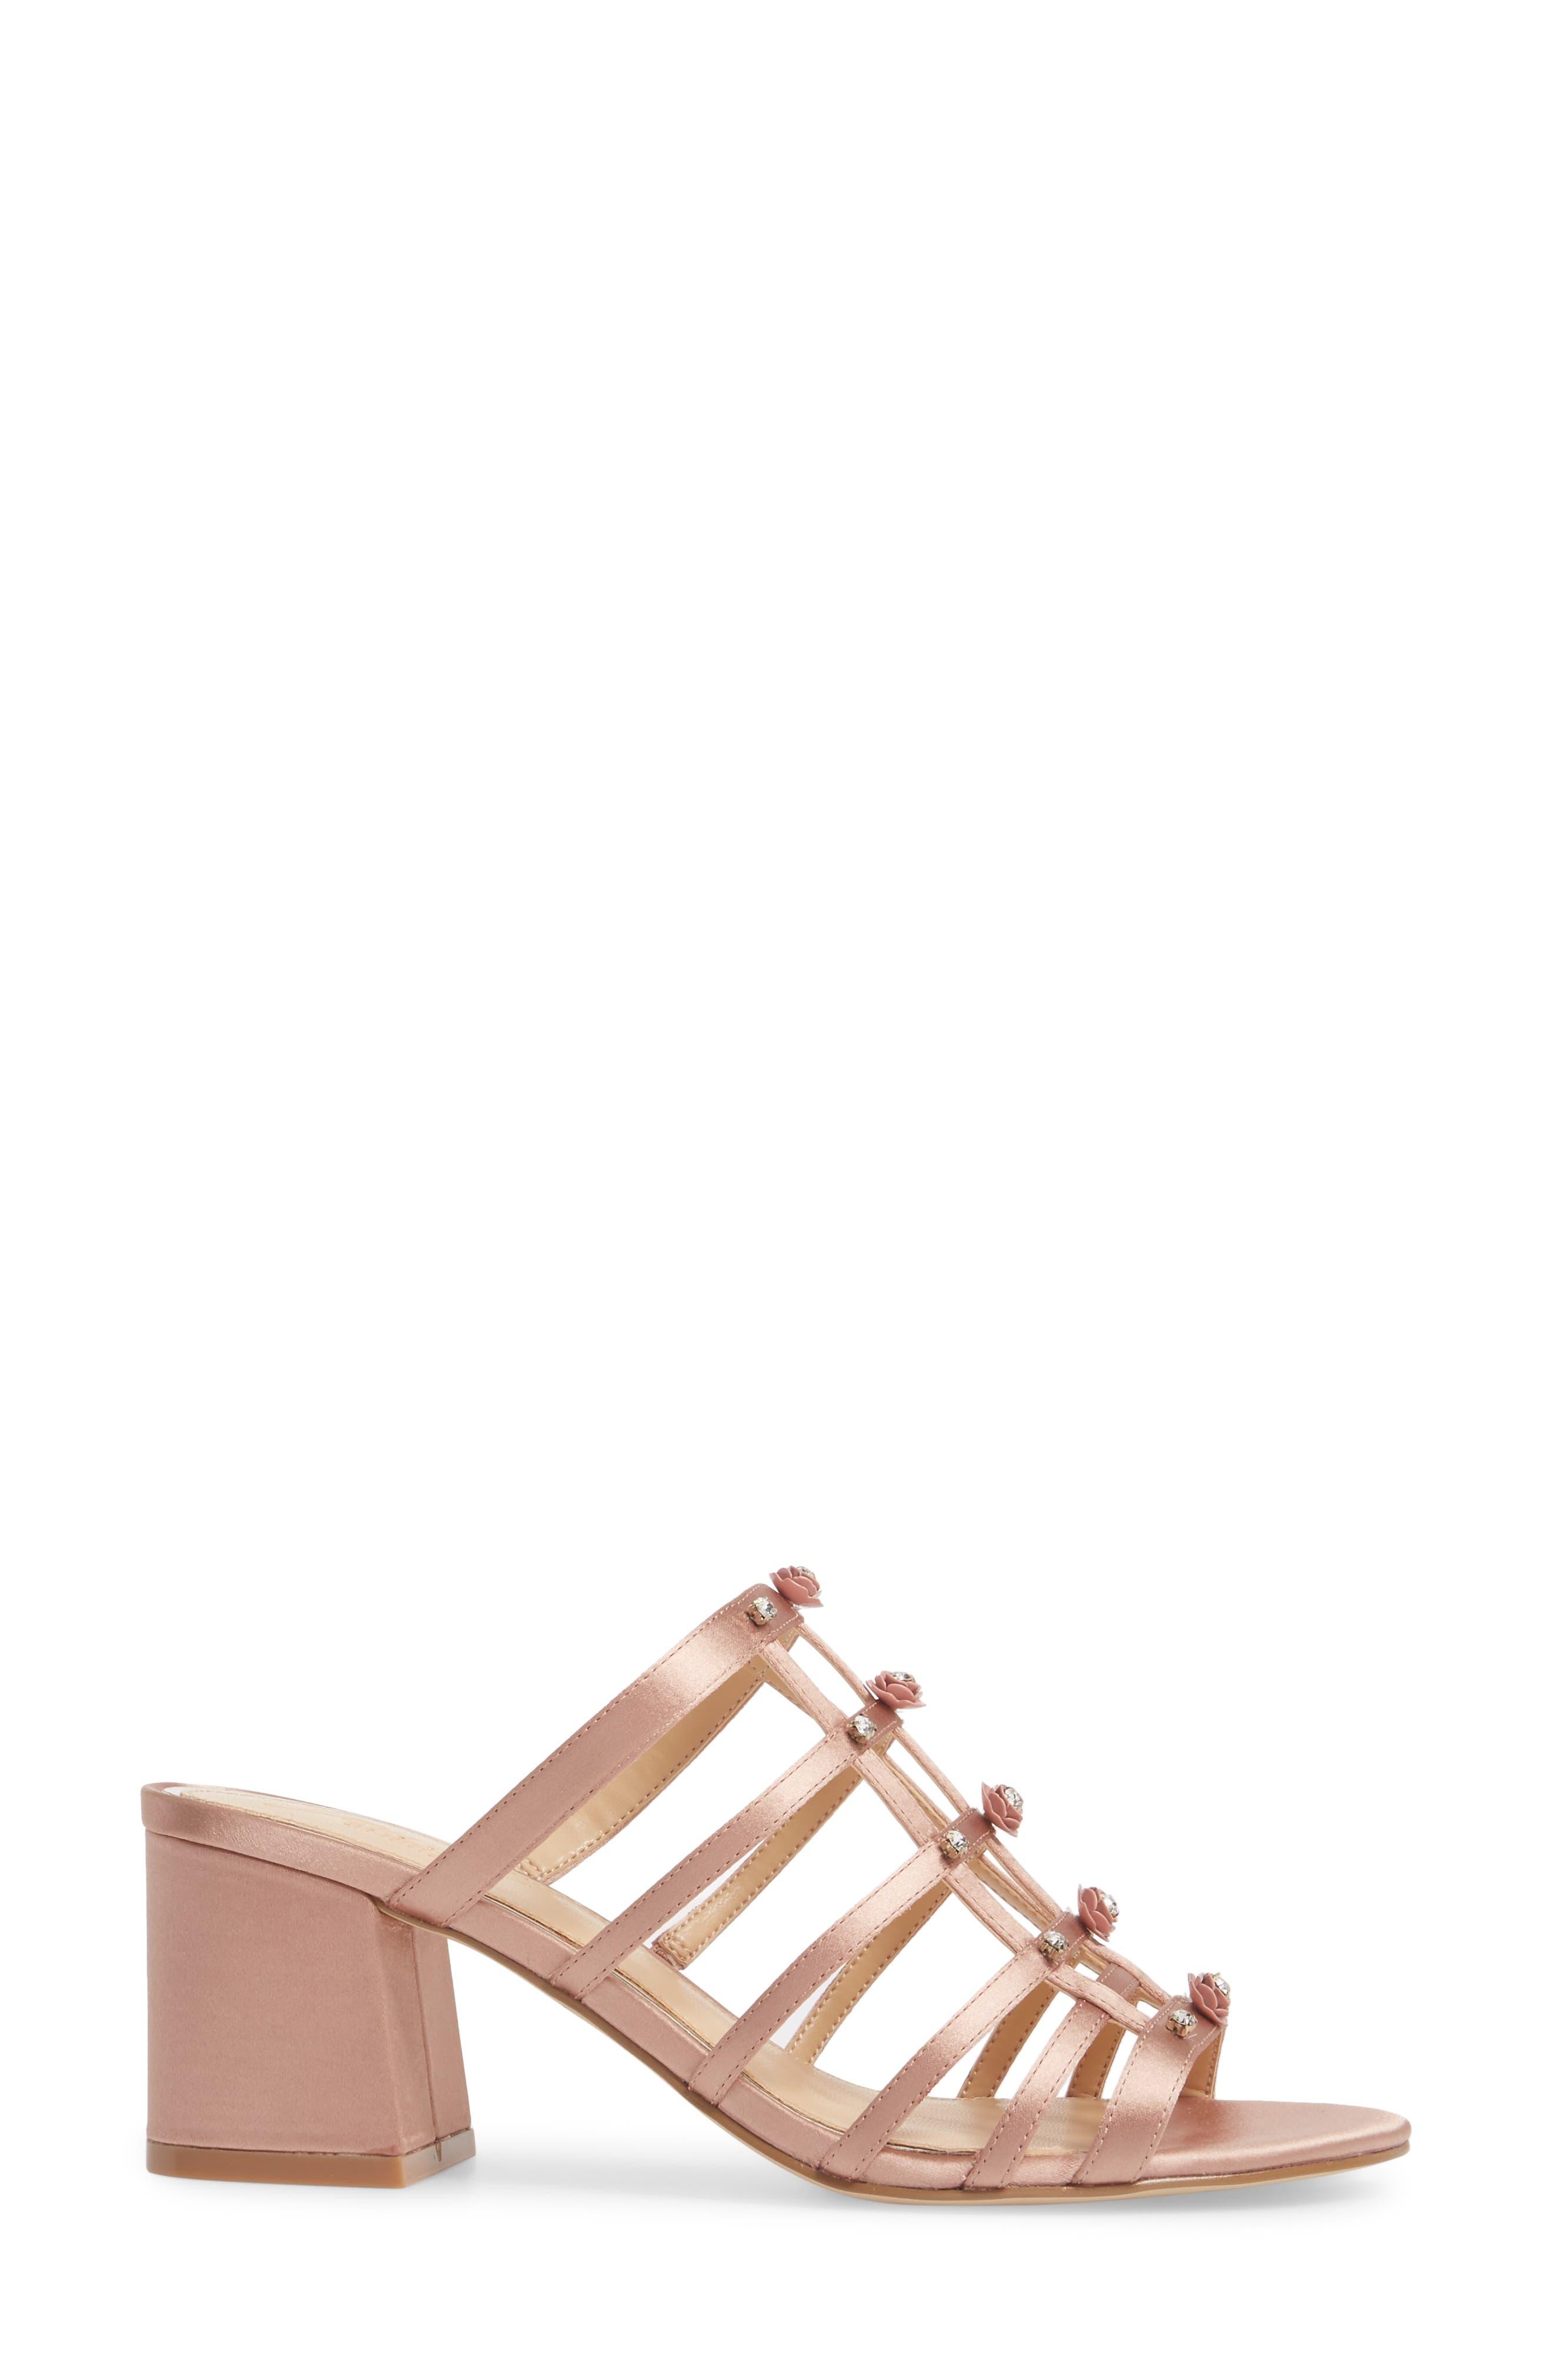 Thorne Crystal Rose Embellished Slide Sandal,                             Alternate thumbnail 3, color,                             Dark Blush Satin